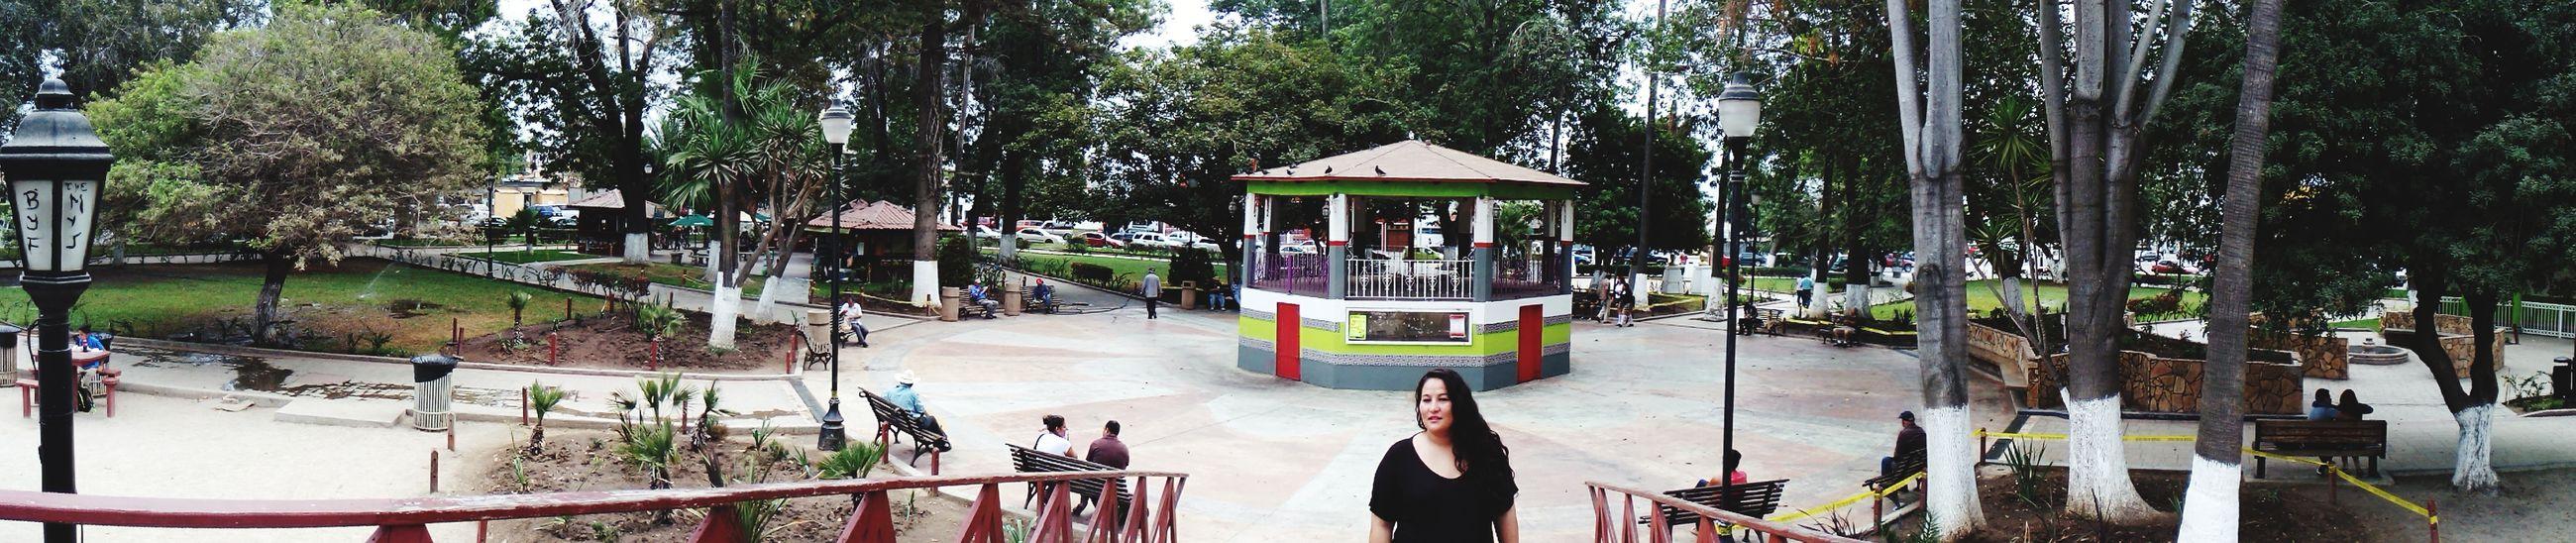 Enjoying The Sun Mexico Y Su Naturaleza Mexicolors Ensenada